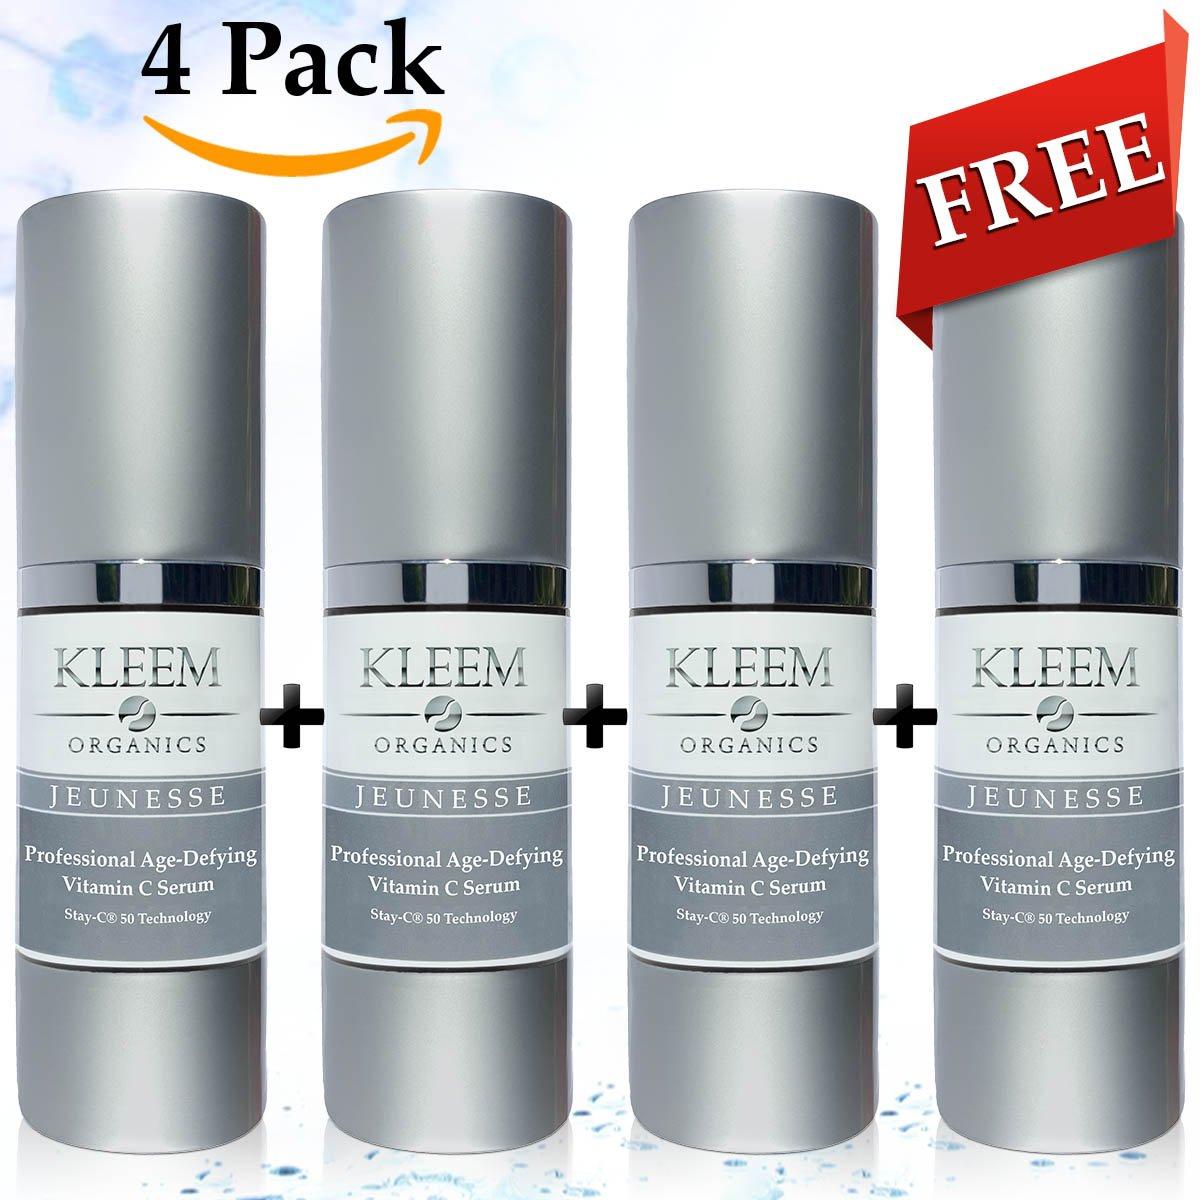 4Pack Natural y Orgánico anti envejecimiento suero de vitamina C para la cara con ácido hialurónico. El más efectivo antiarrugas Serum y oscuro Spot Remover Kleem Organics